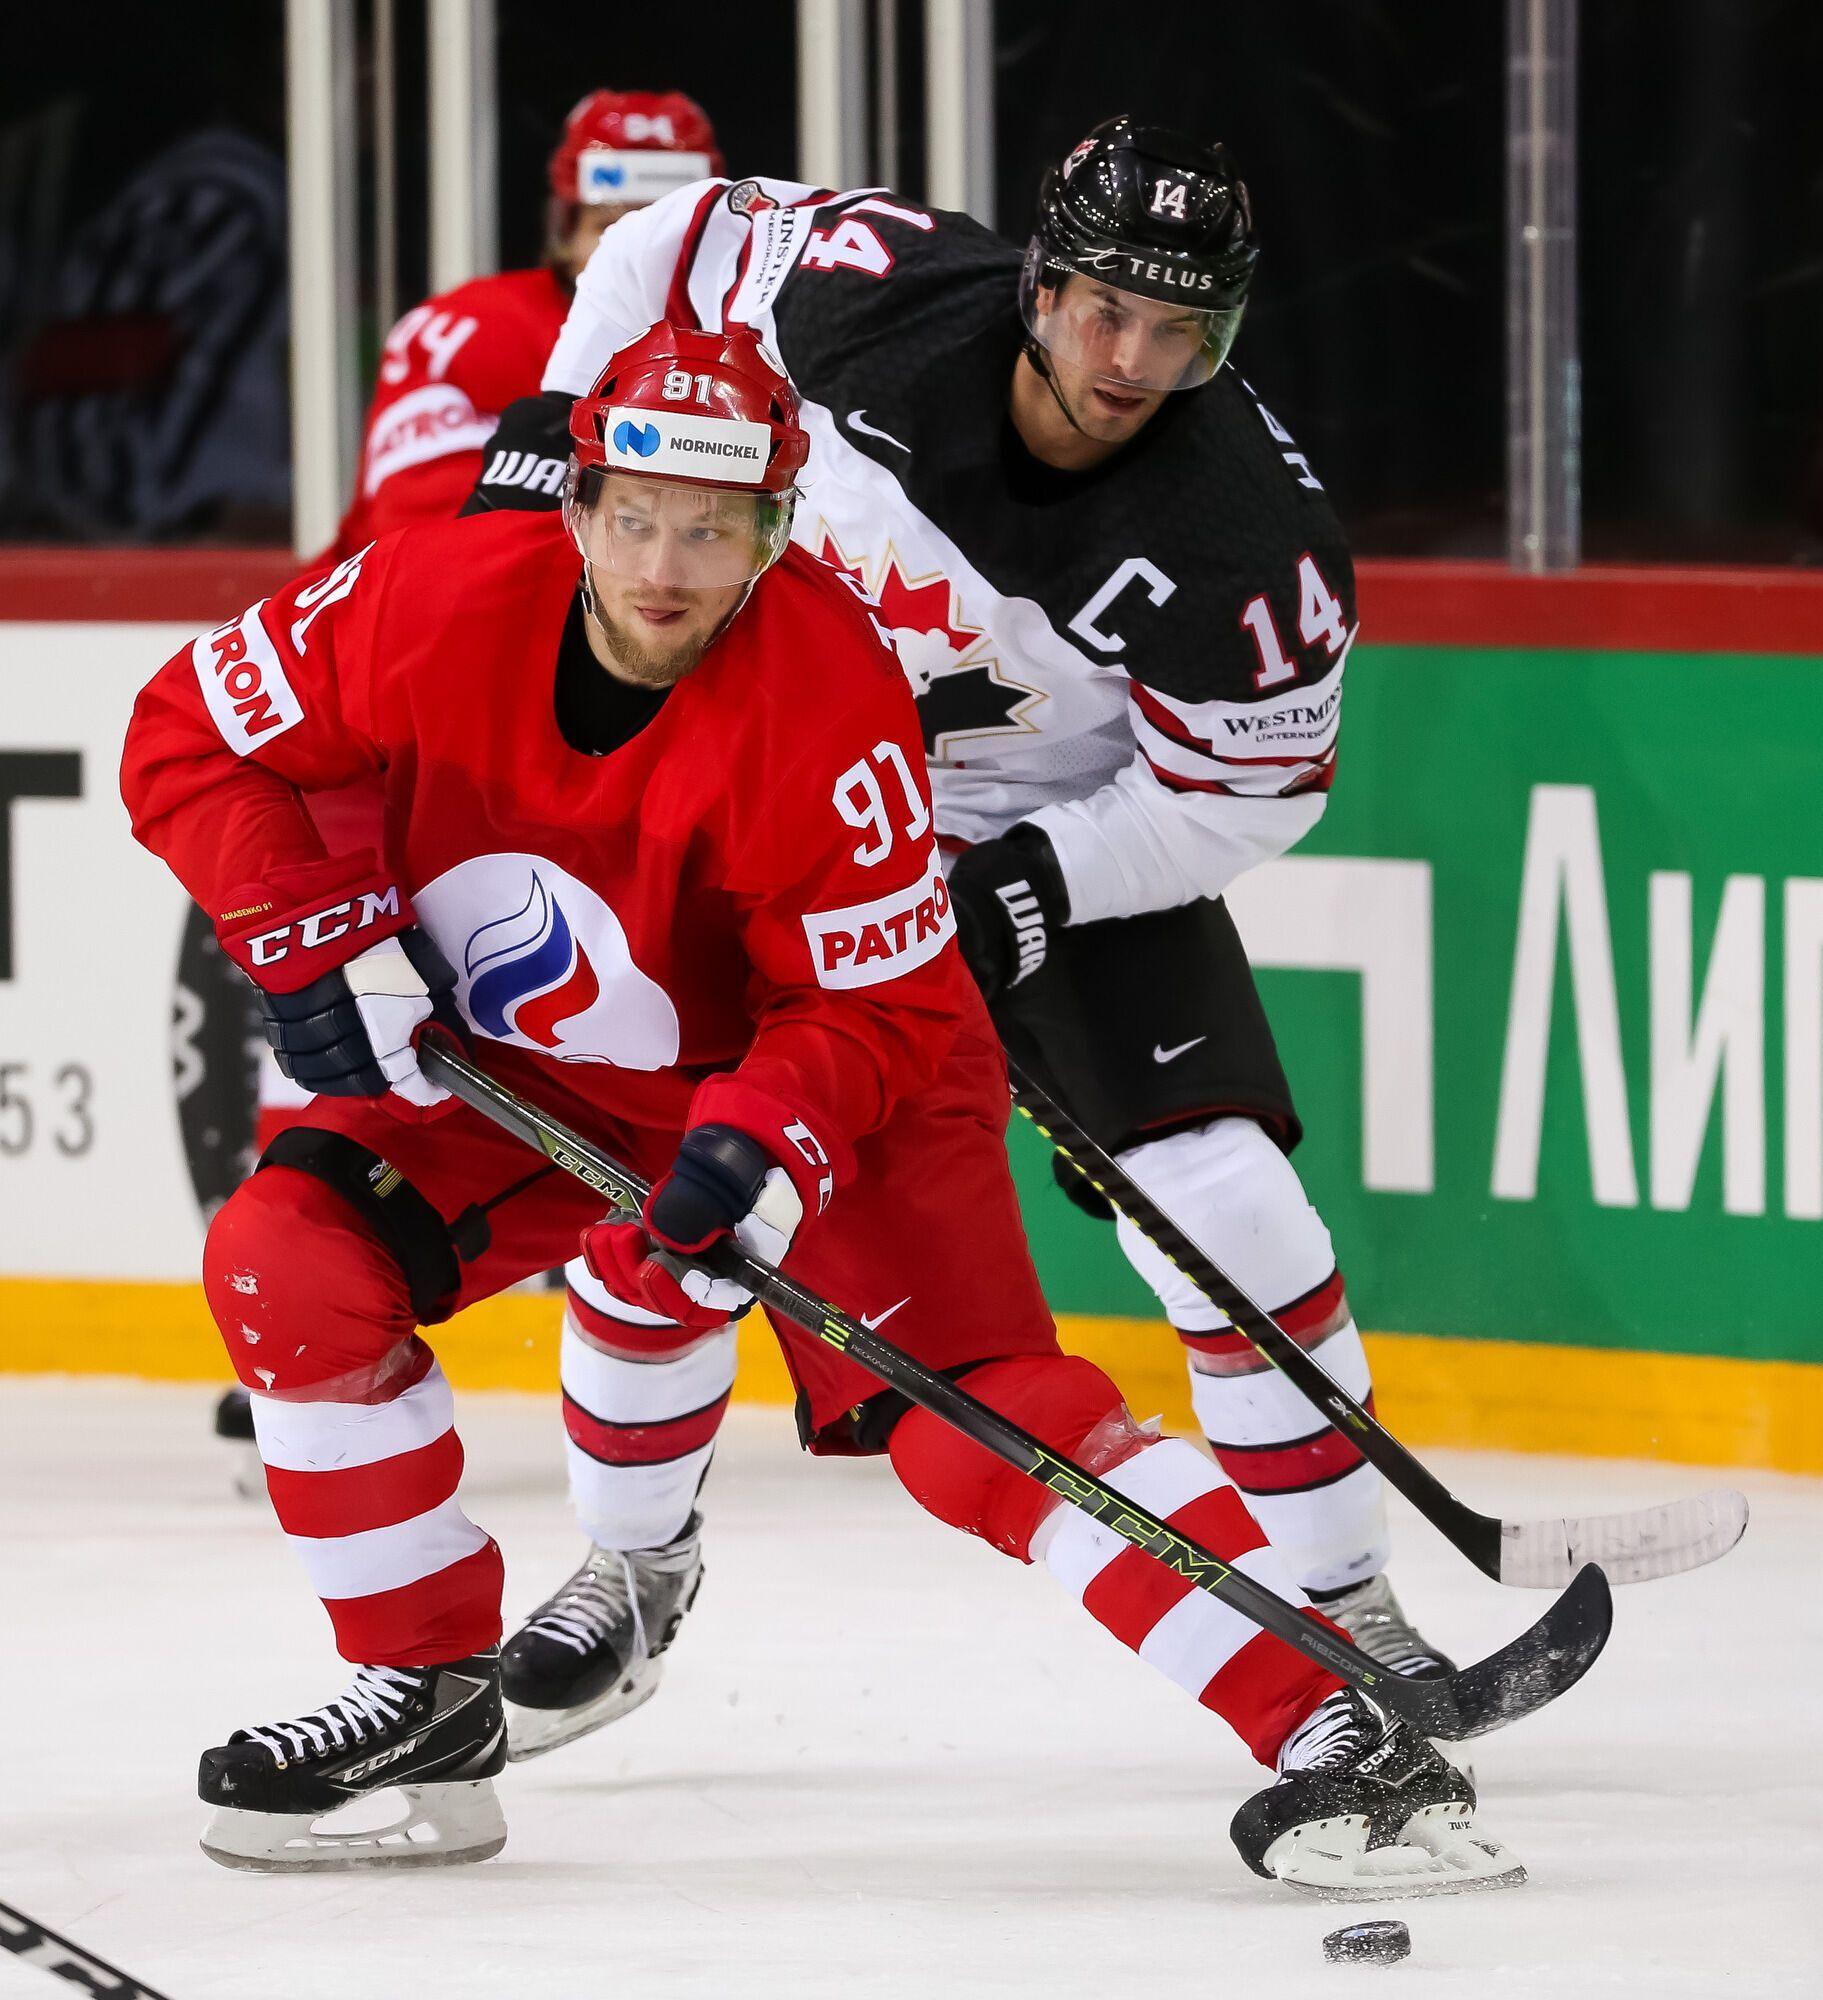 Канада в девятый раз обыграла Россию.